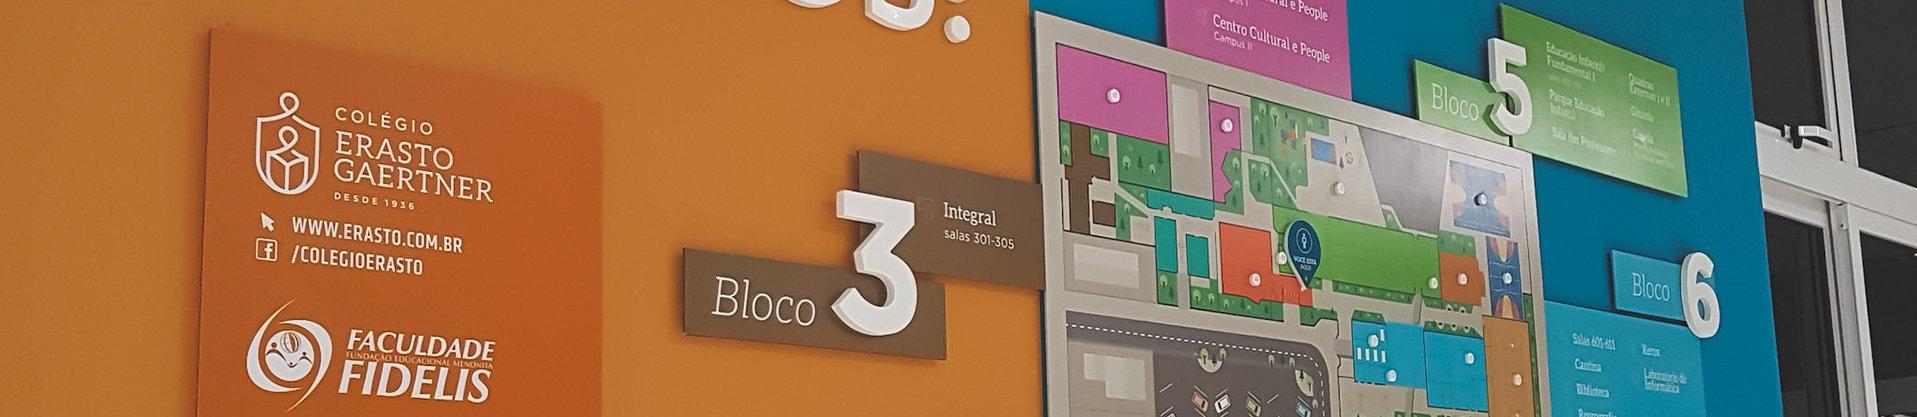 Placas acrilico, chapa | Fórmula Comunicaão Visual